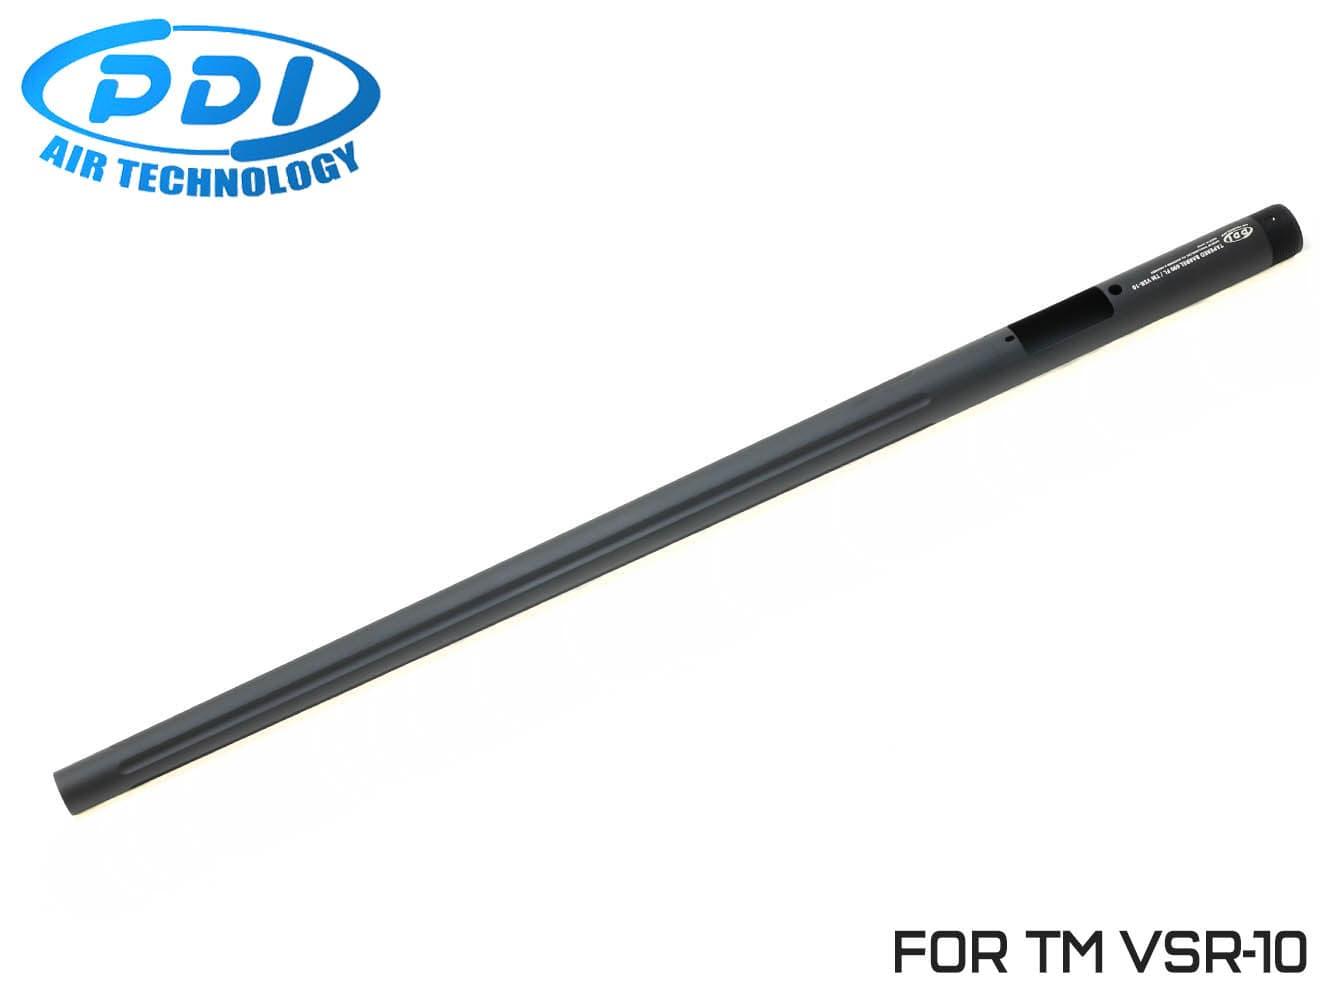 PDI テーパードバレル フルート 東京マルイ VSR-10用 690mm◆フロントヘビー/ワンピースバレル/純正対応/テーパー加工